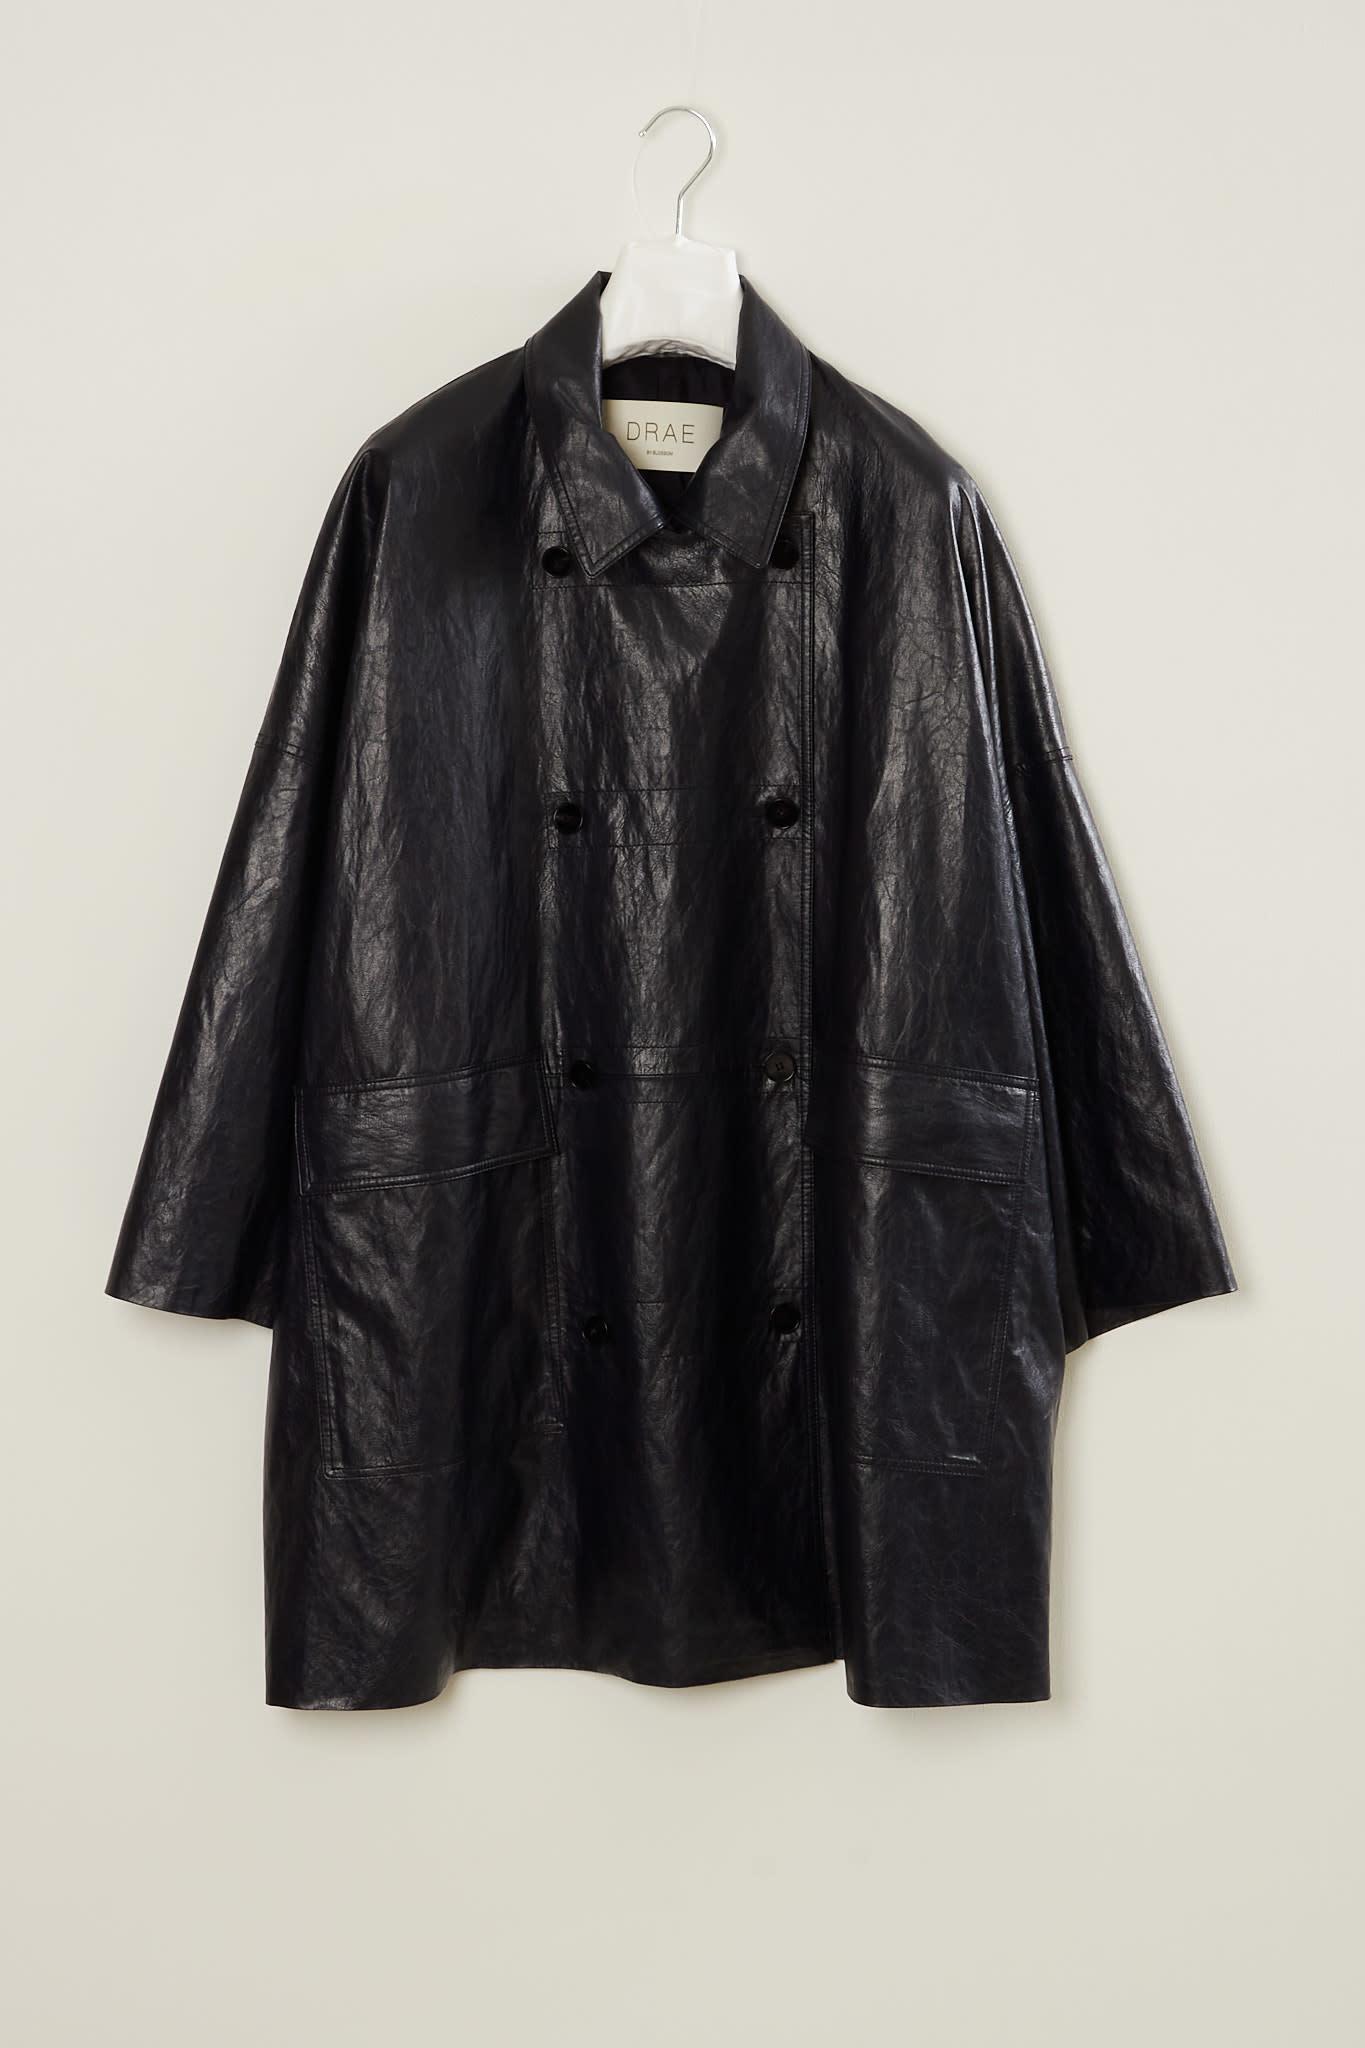 Drae - Faux leather boxy coat